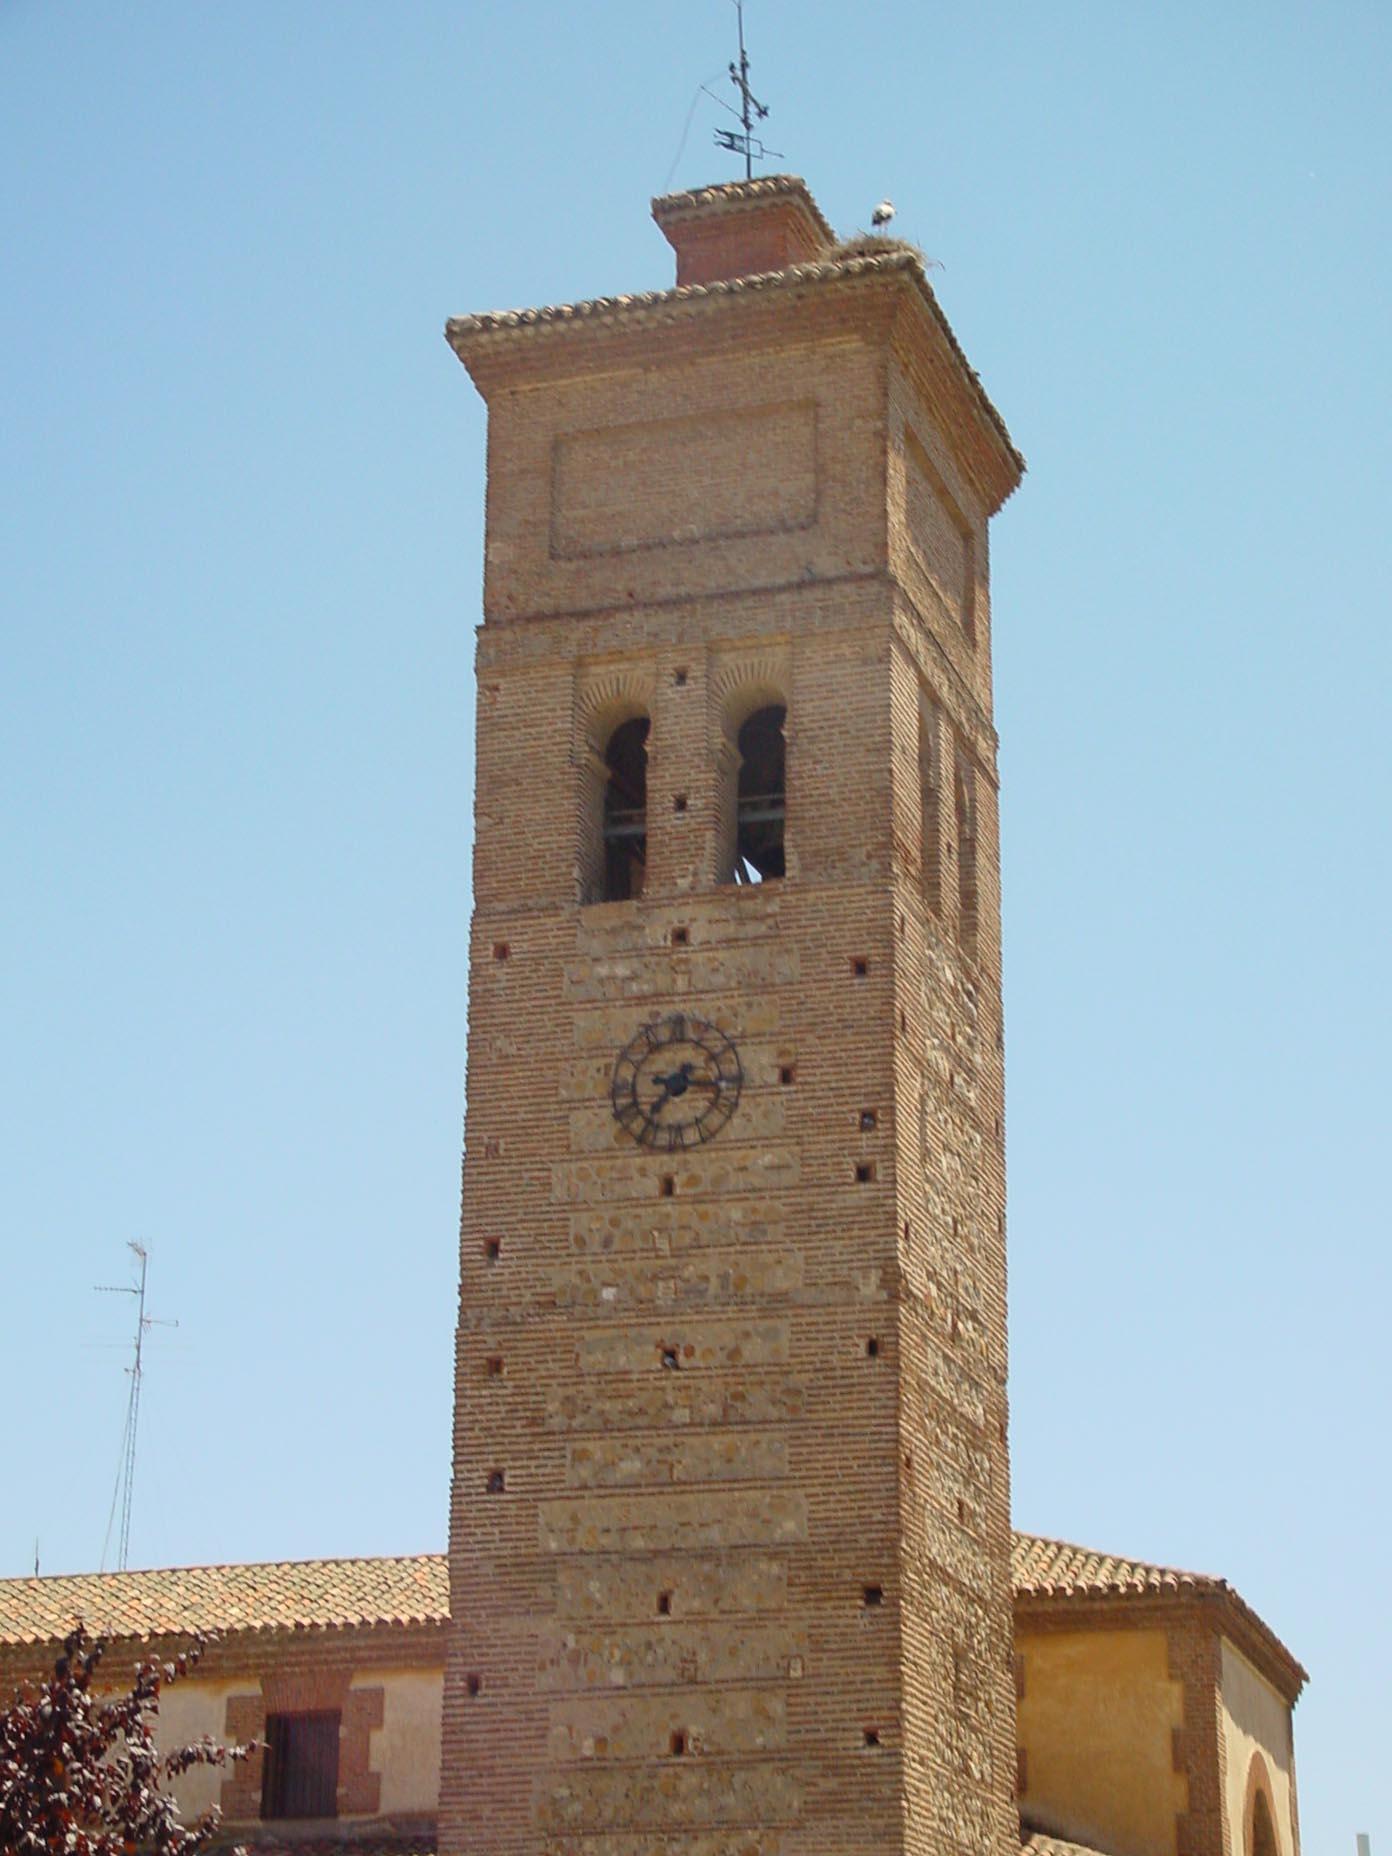 Detalle campanario de Nuestra Señora de la Asunción en Móstoles